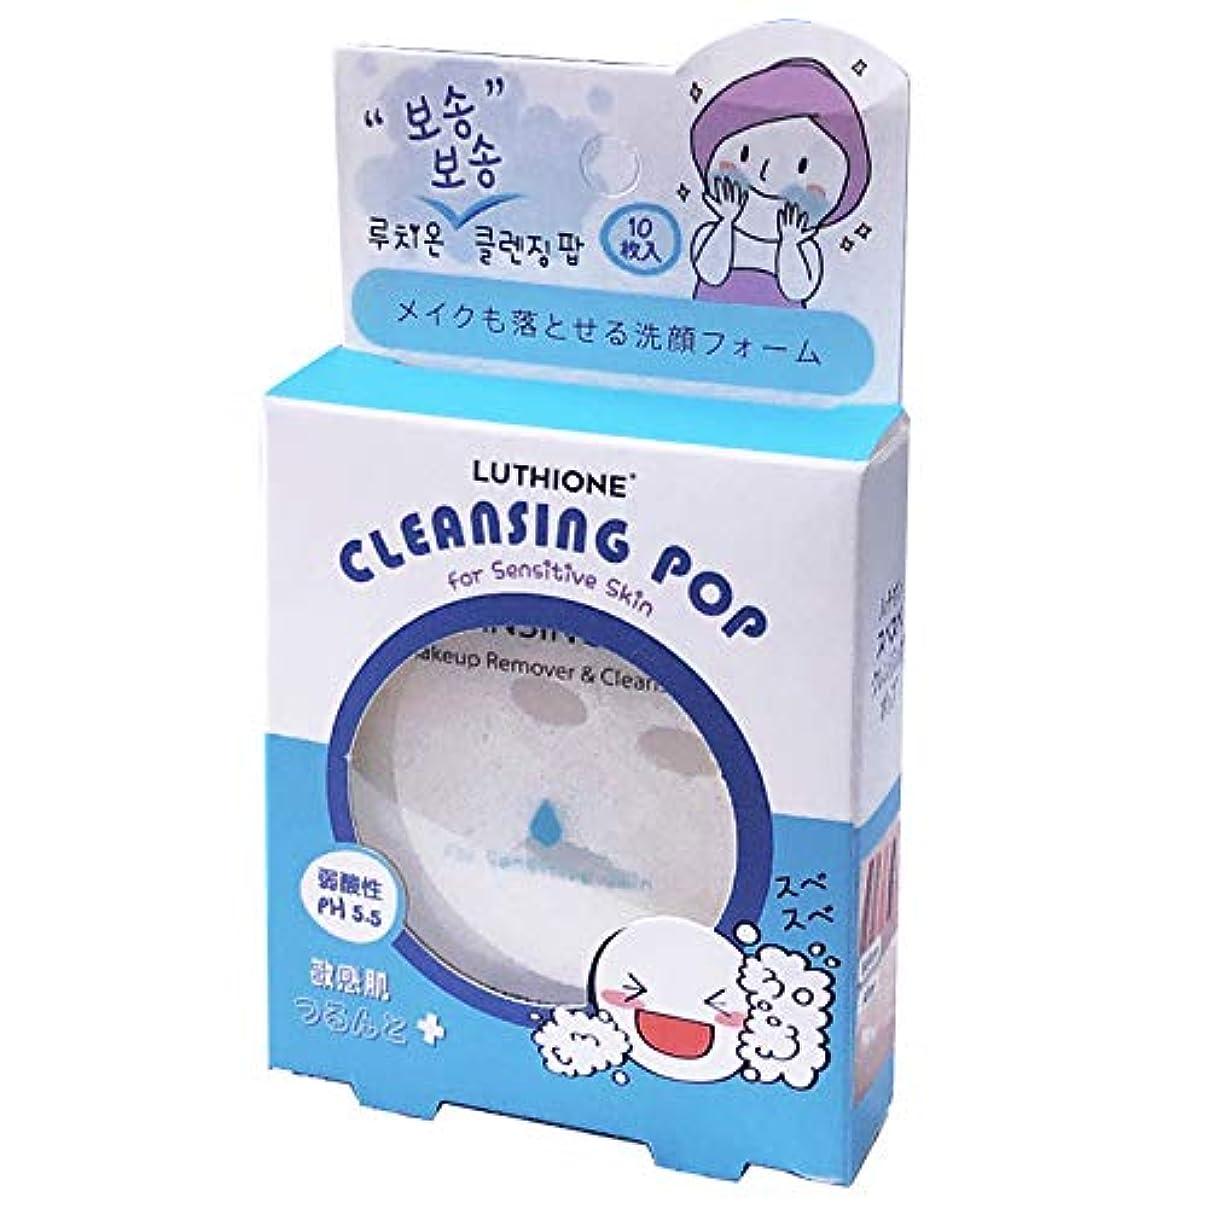 過度になだめる抜け目のない【まとめ買い】ルチオン クレンジングポップ (LUTHIONE CLEANSING POP) 敏感肌 10枚入り ×10個